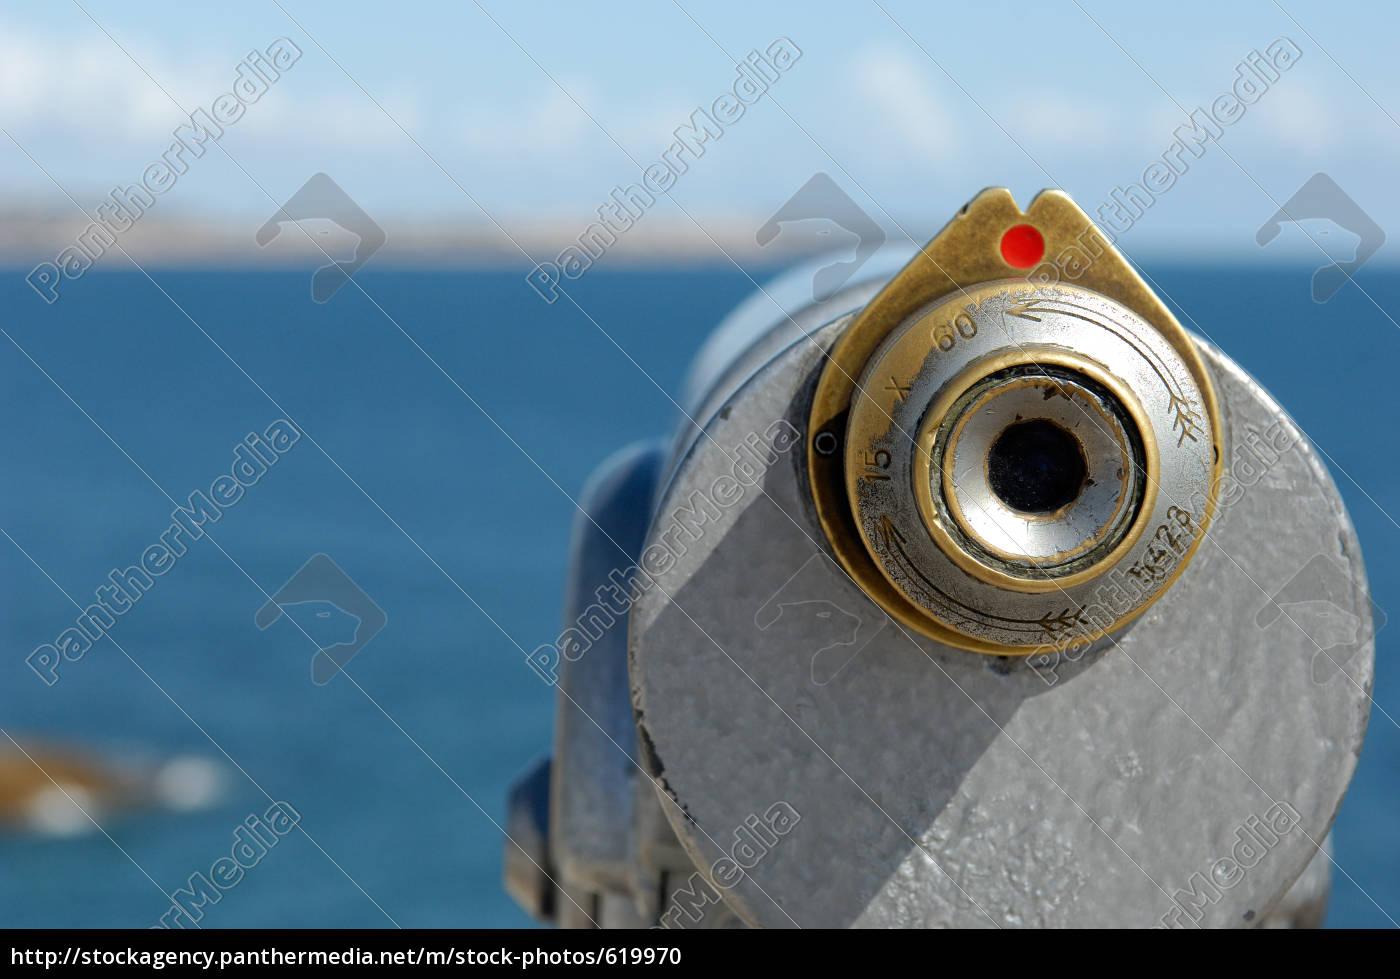 telescope, at, sea, coast - 619970